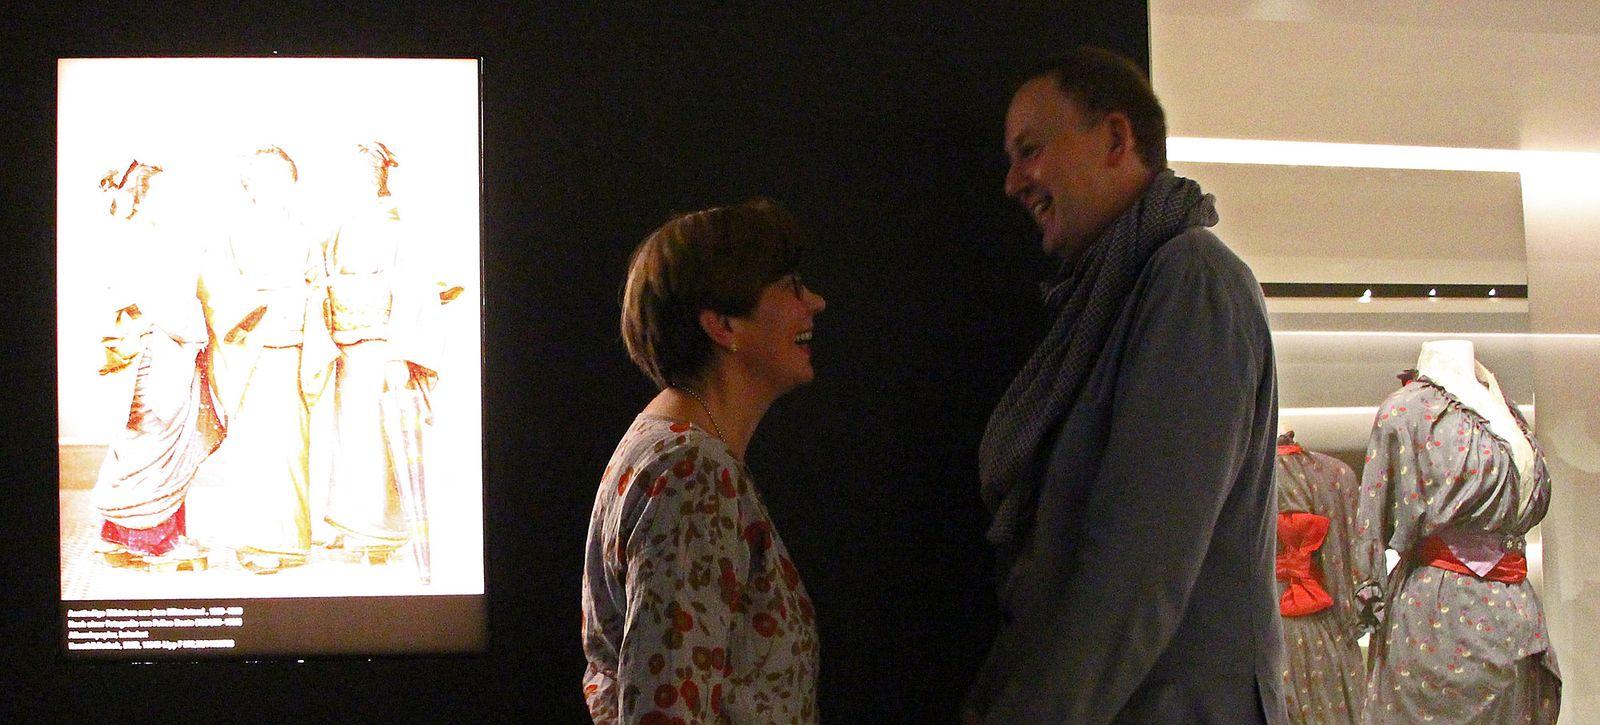 Christine Waidenschlager (Kunstgewerbemuseum) und Alexander Hofmann (Museum für Asiatische Kunst) in der Modegalerie des Kunstgewerbemuseums. Foto: Wibke Schrape